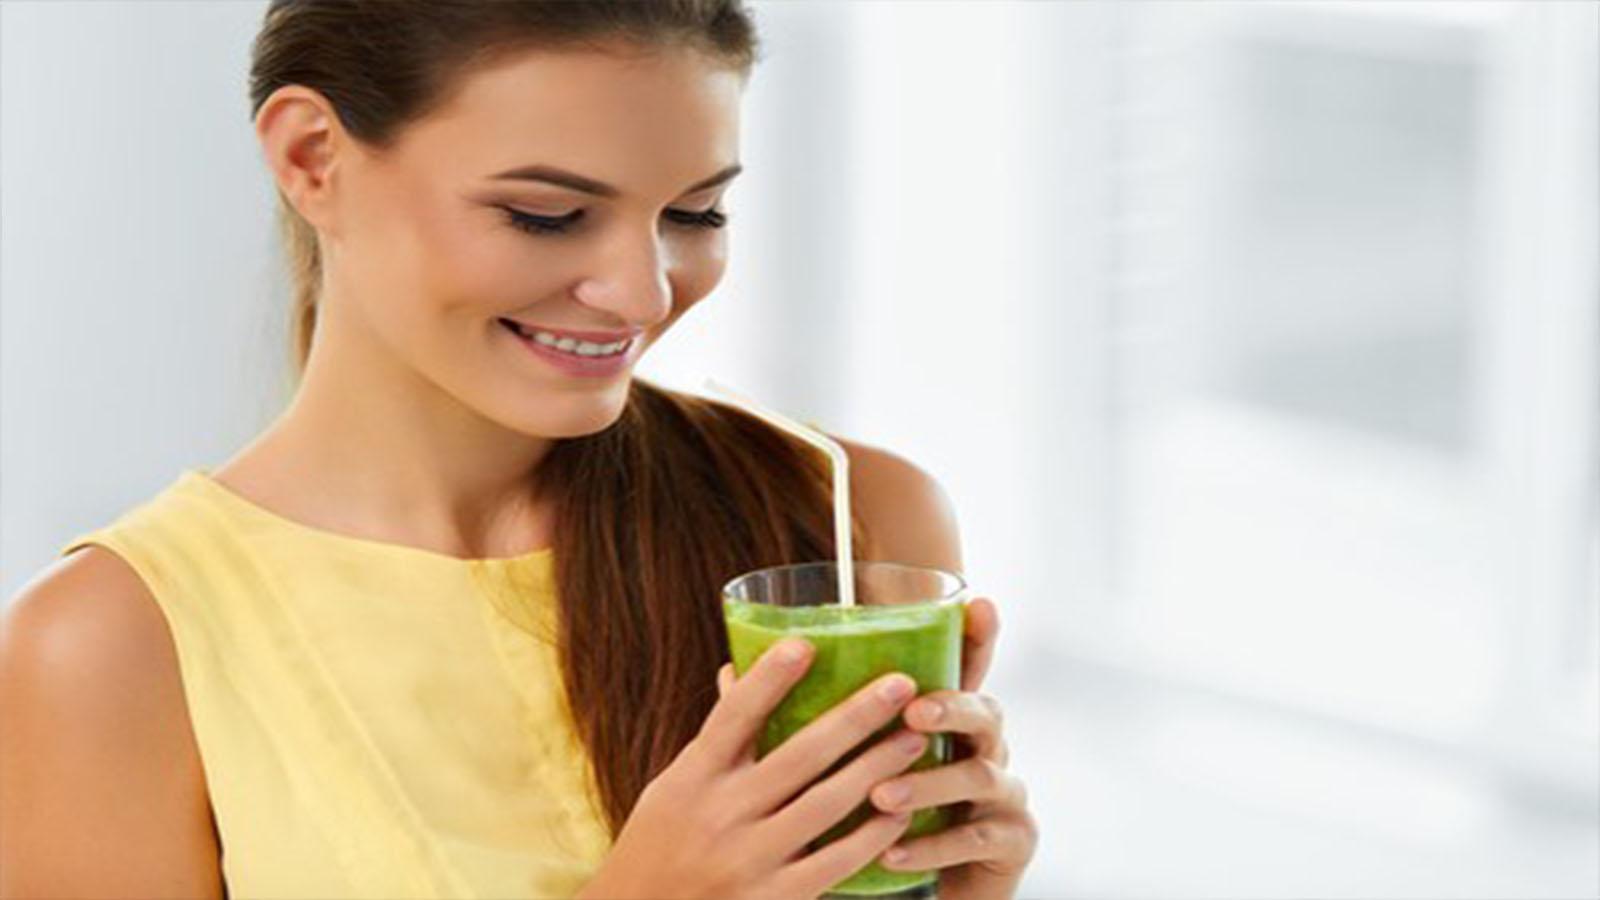 グリーンスムージー置き換えダイエットの方法と効果UPの秘訣とは